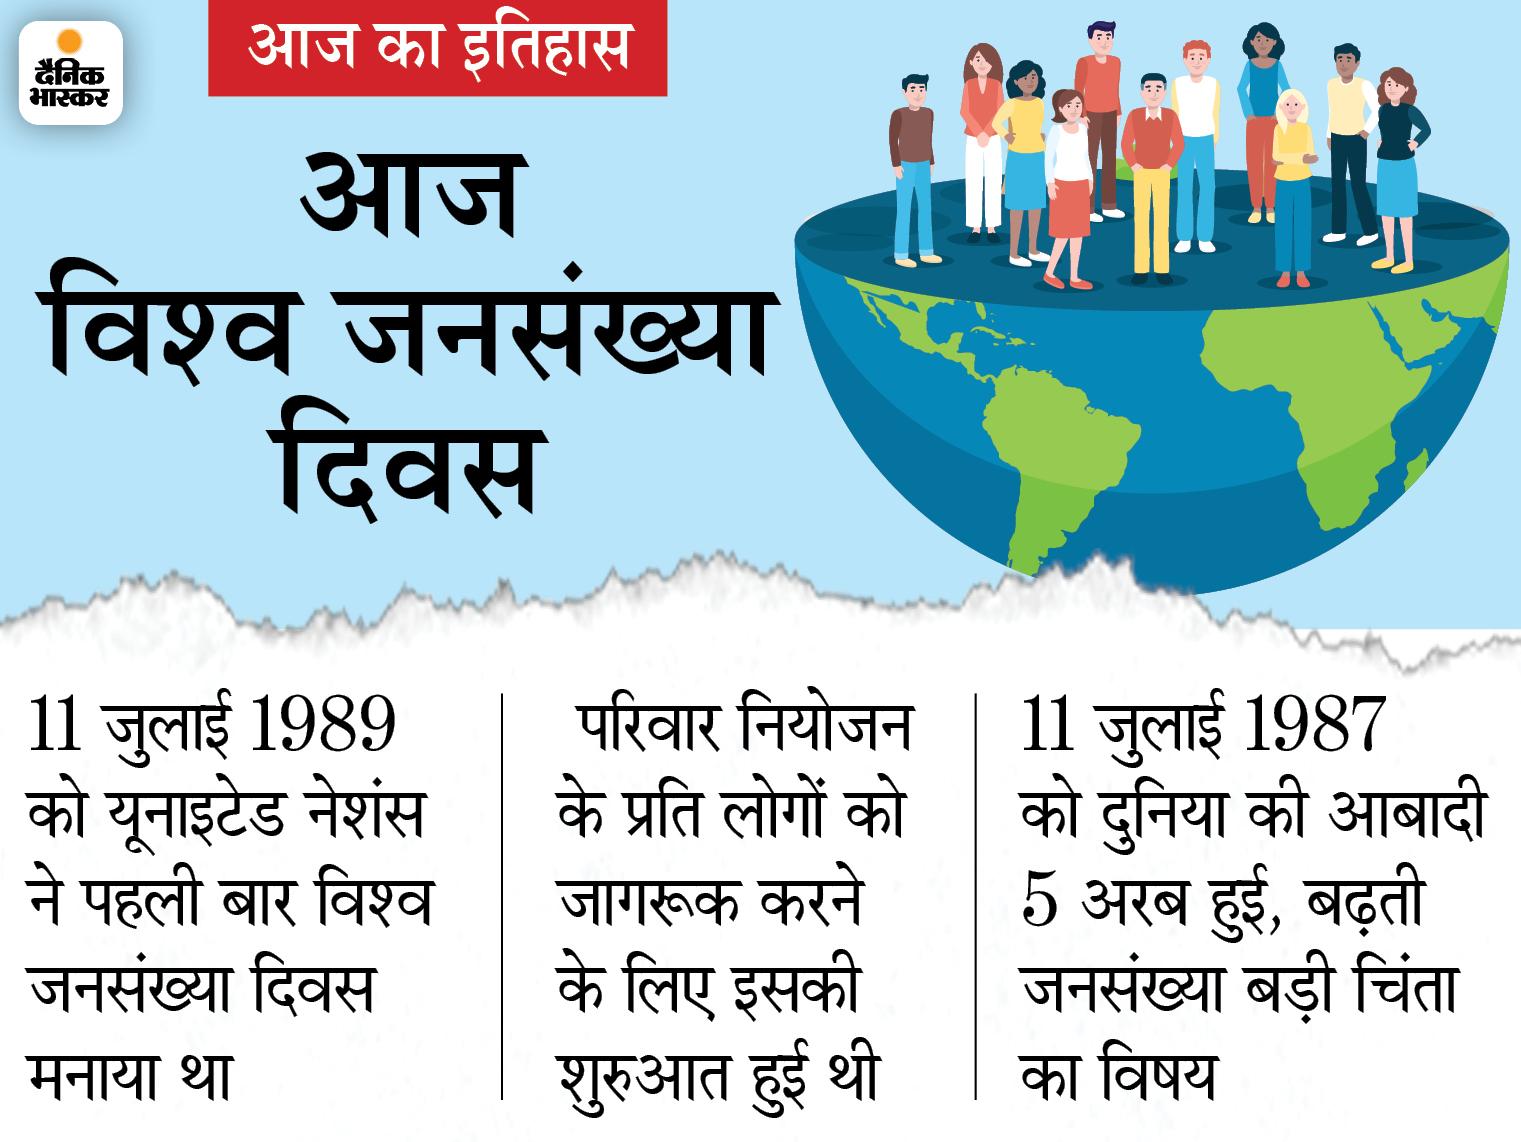 परिवार नियोजन के प्रति जागरूकता के लिए जनसंख्या दिवस शुरू हुआ, फिर भी 34 साल में 5 अरब से 7.8 अरब हुई दुनिया की आबादी|देश,National - Dainik Bhaskar